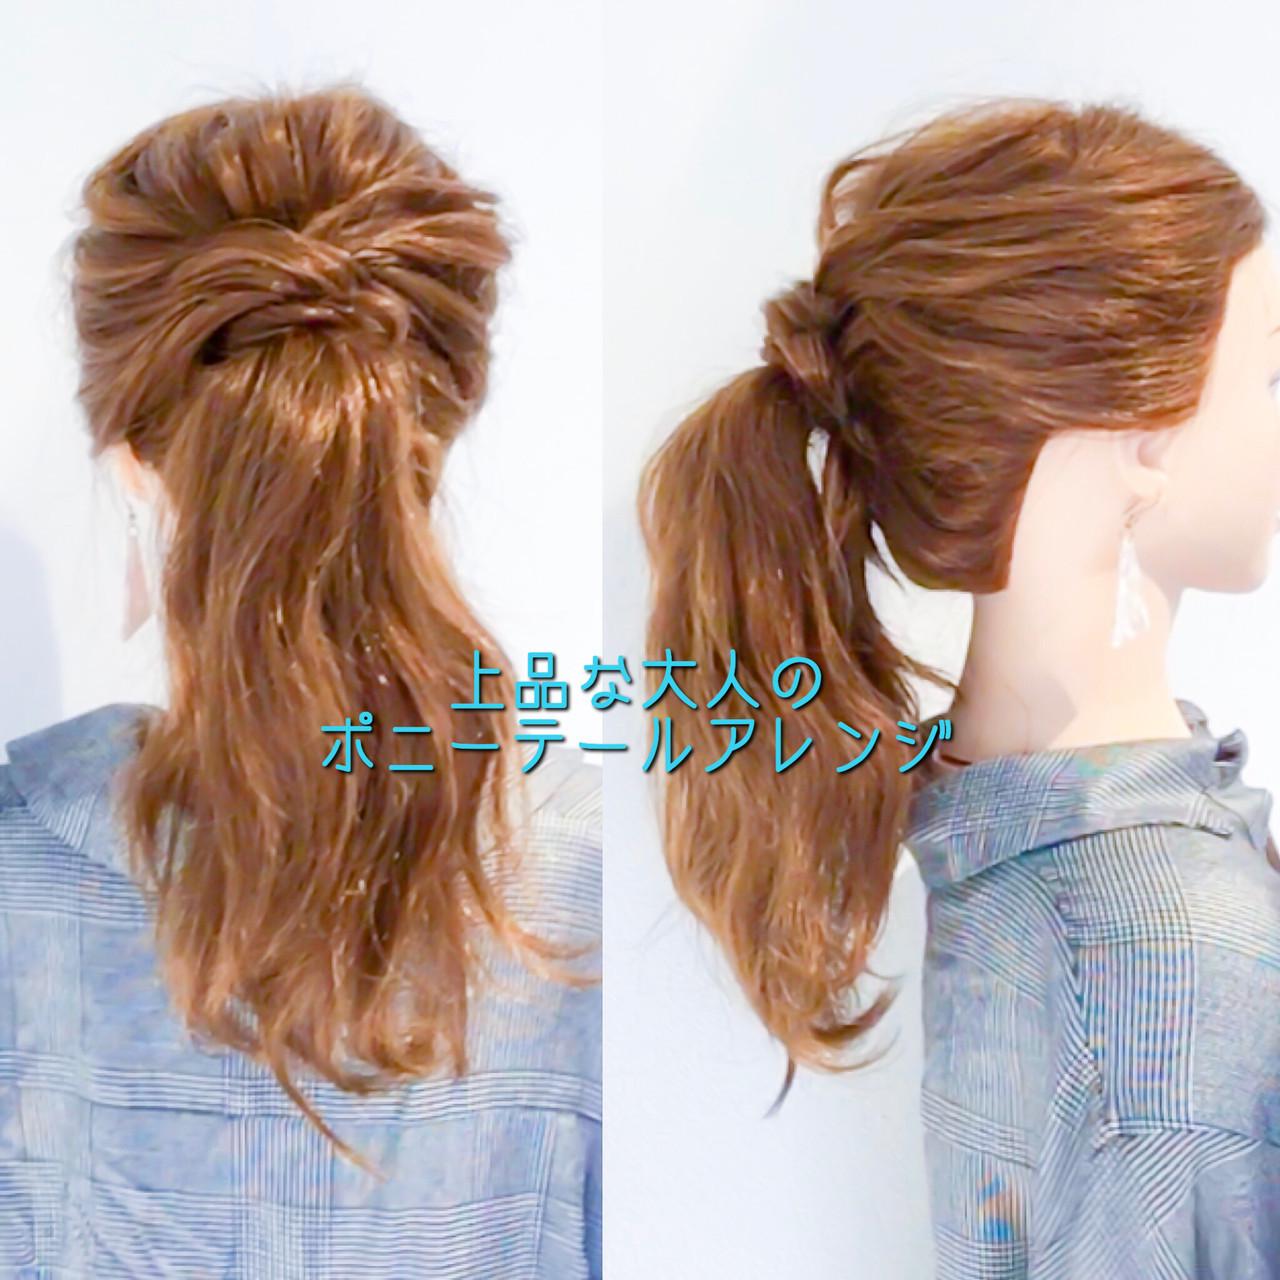 デート 簡単ヘアアレンジ ヘアアレンジ オフィス ヘアスタイルや髪型の写真・画像